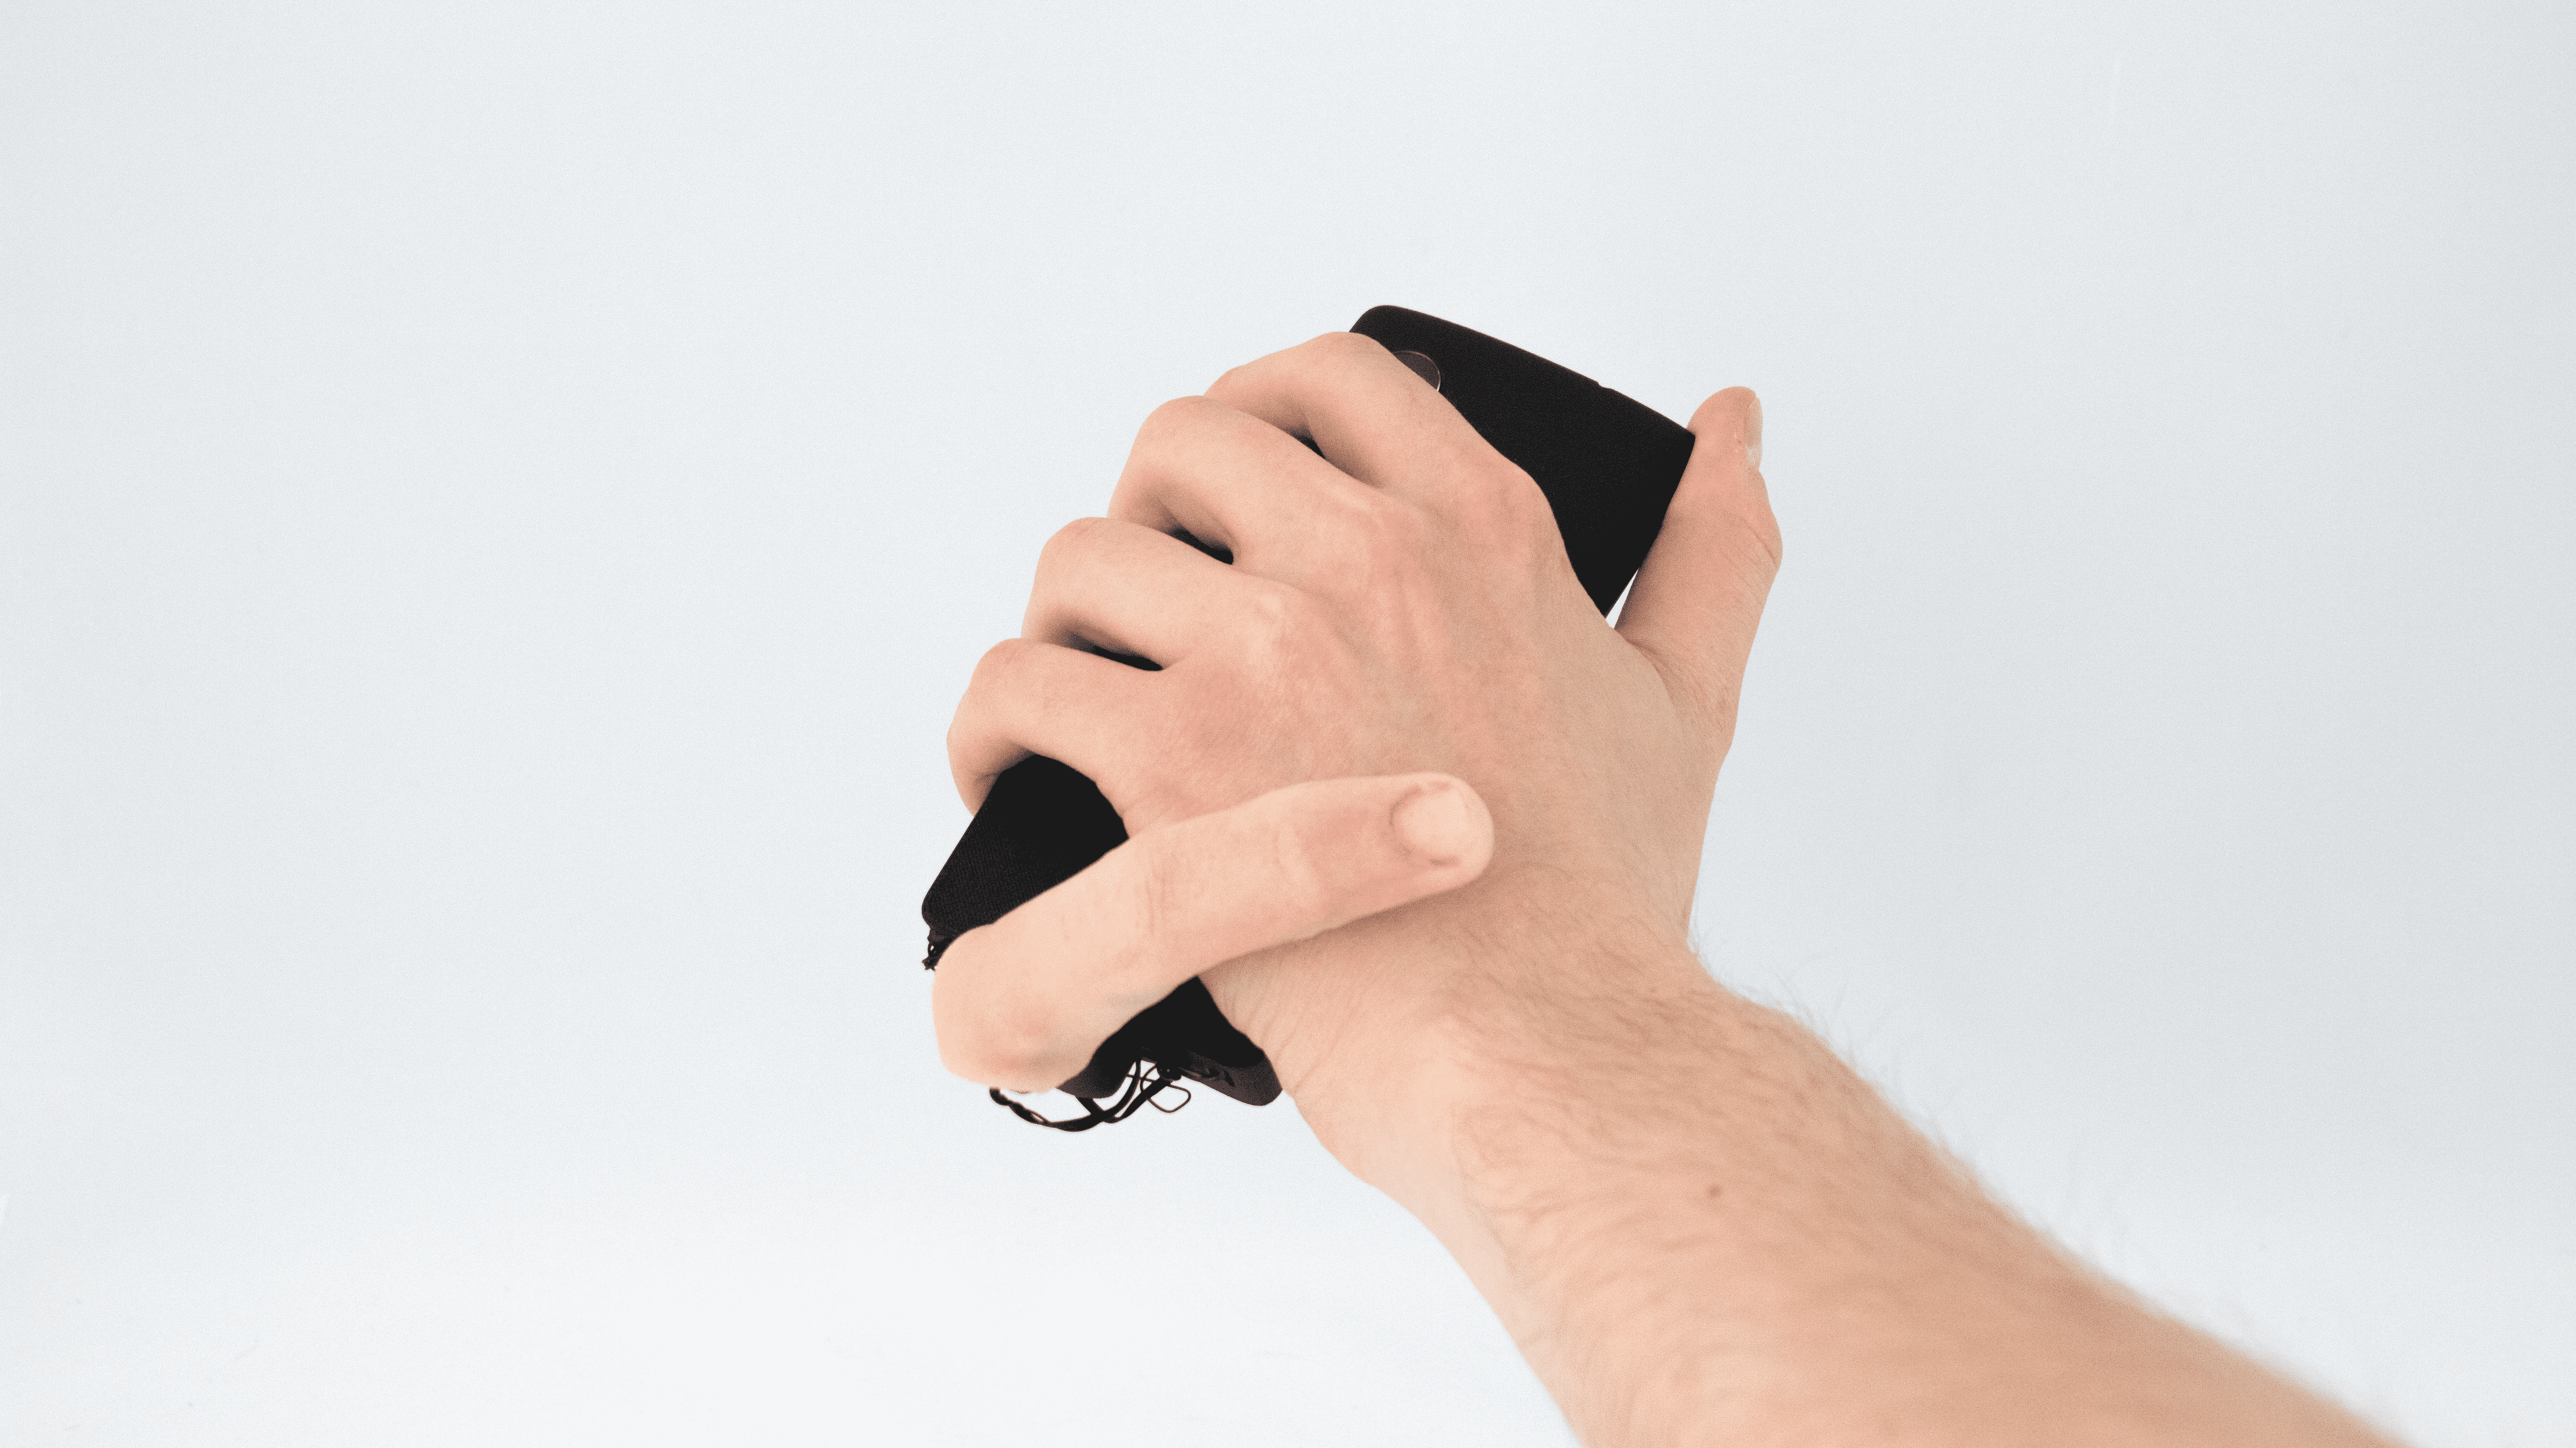 Streicheln, scrollen, kriechen: Wissenschaftler zeigen Roboterfinger fürs Smartphone